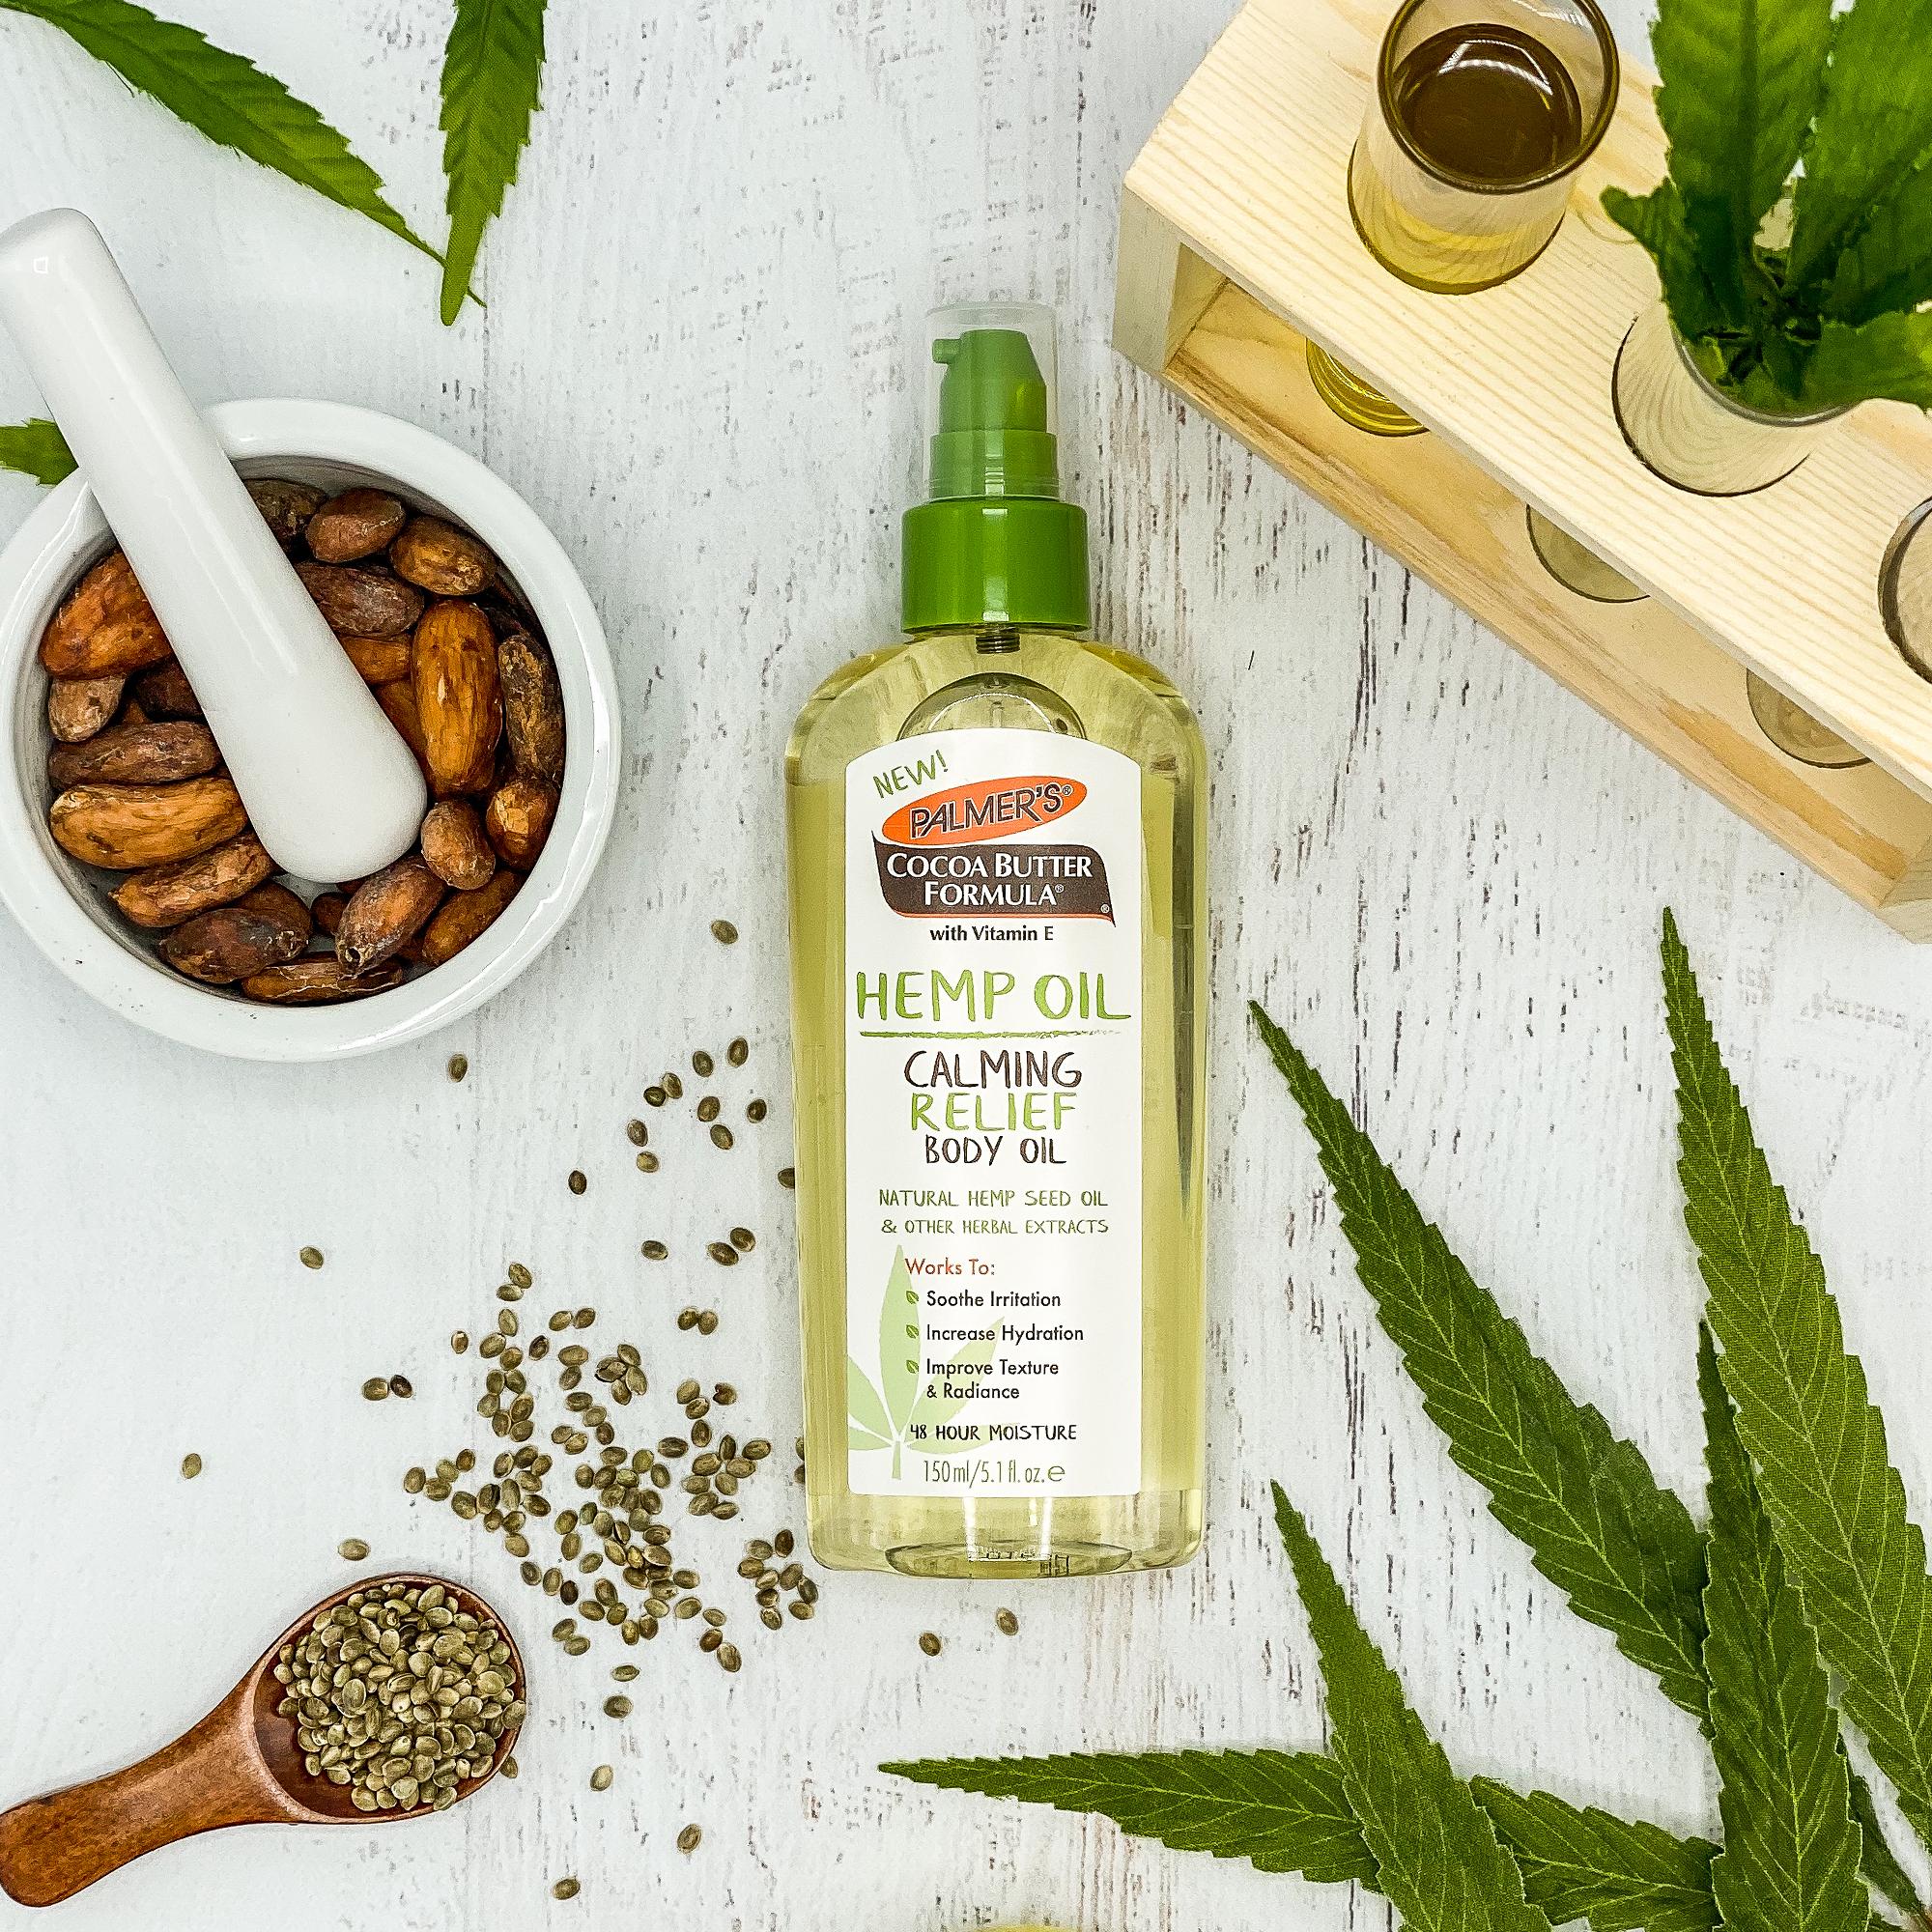 Palmer's Hemp Oil Calming Relief Body Oil for hemp oil benefits for skin on table